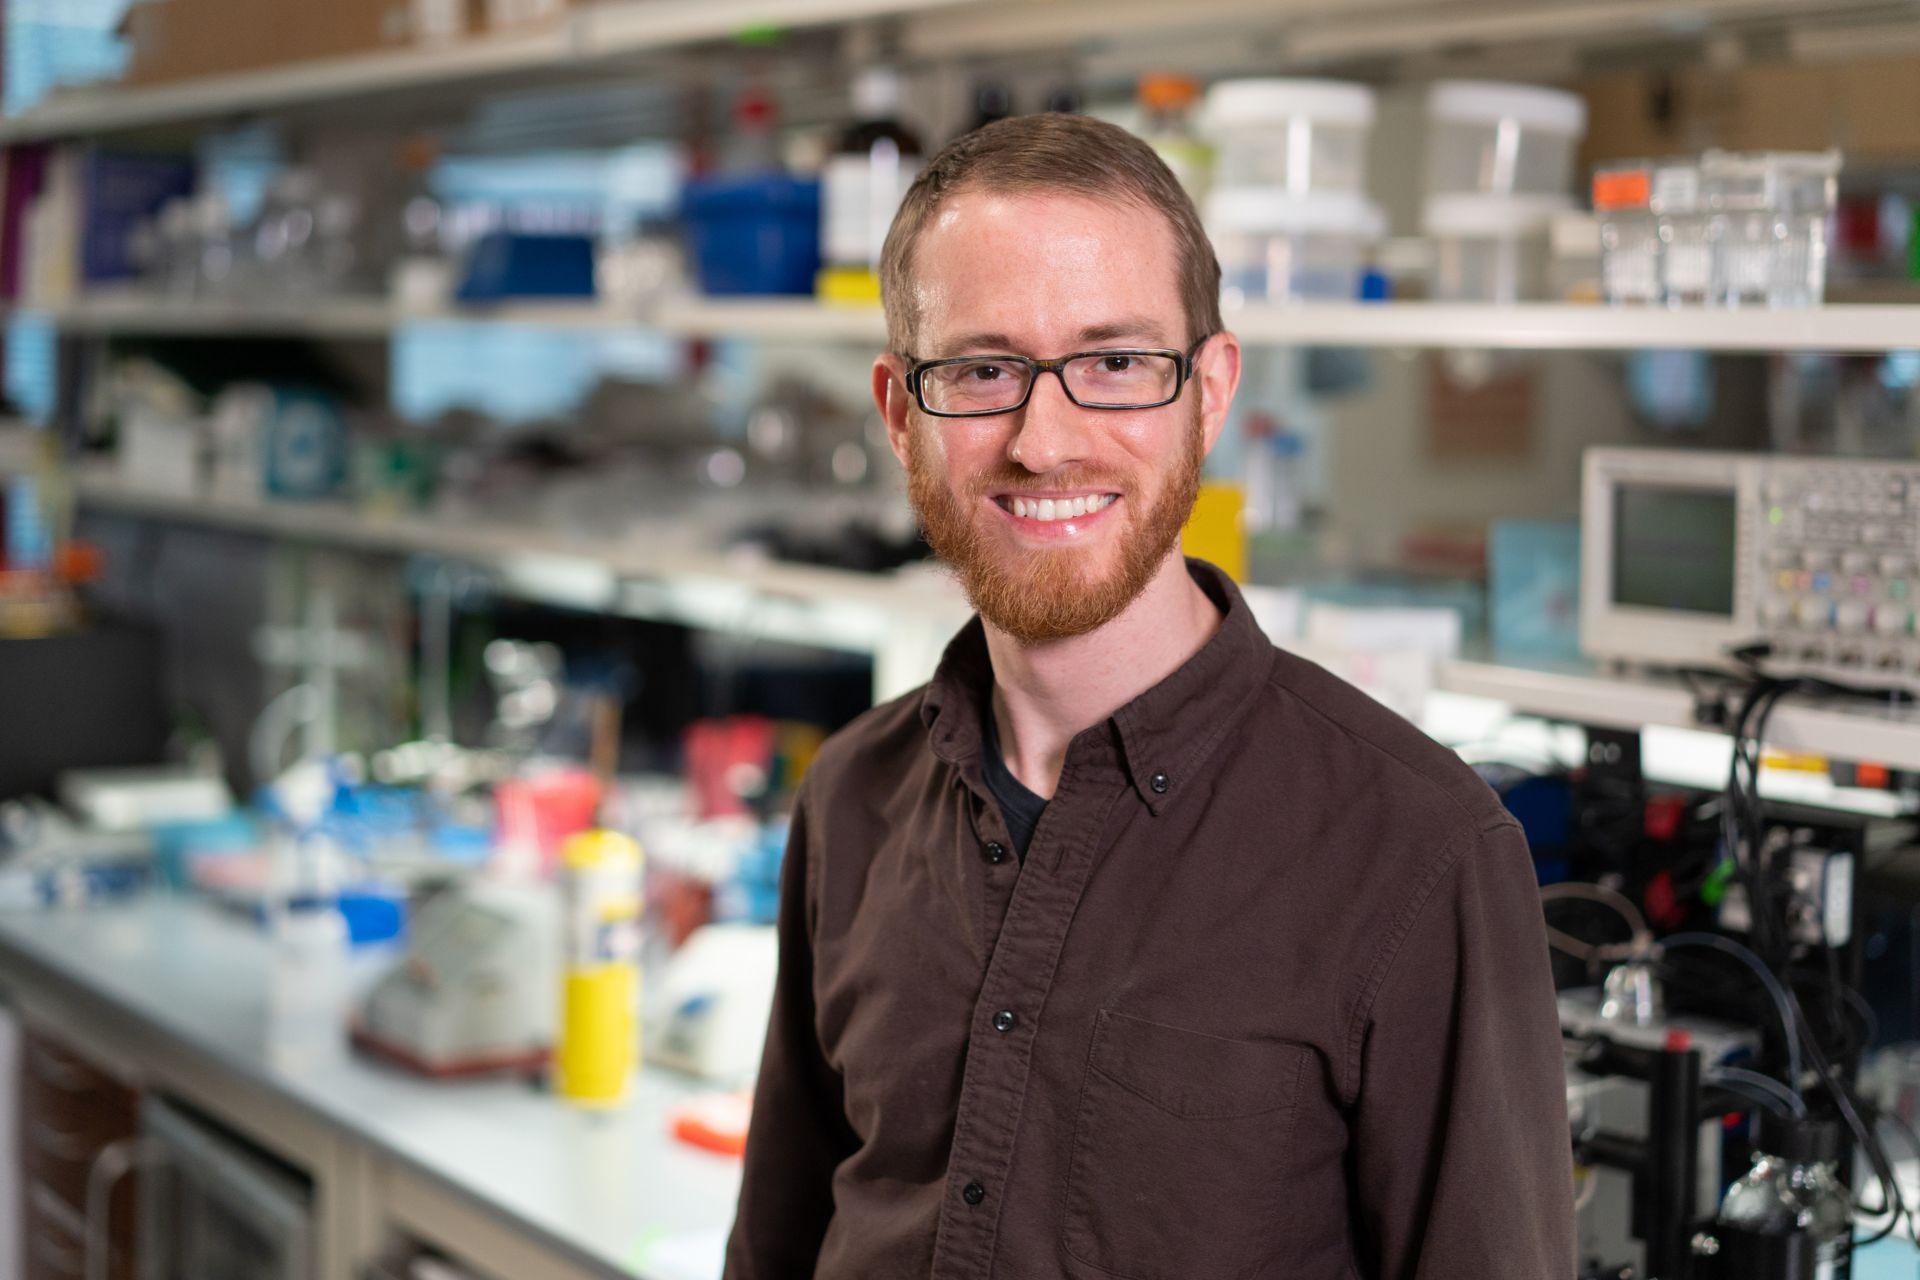 Daniel S. Terry, PhD